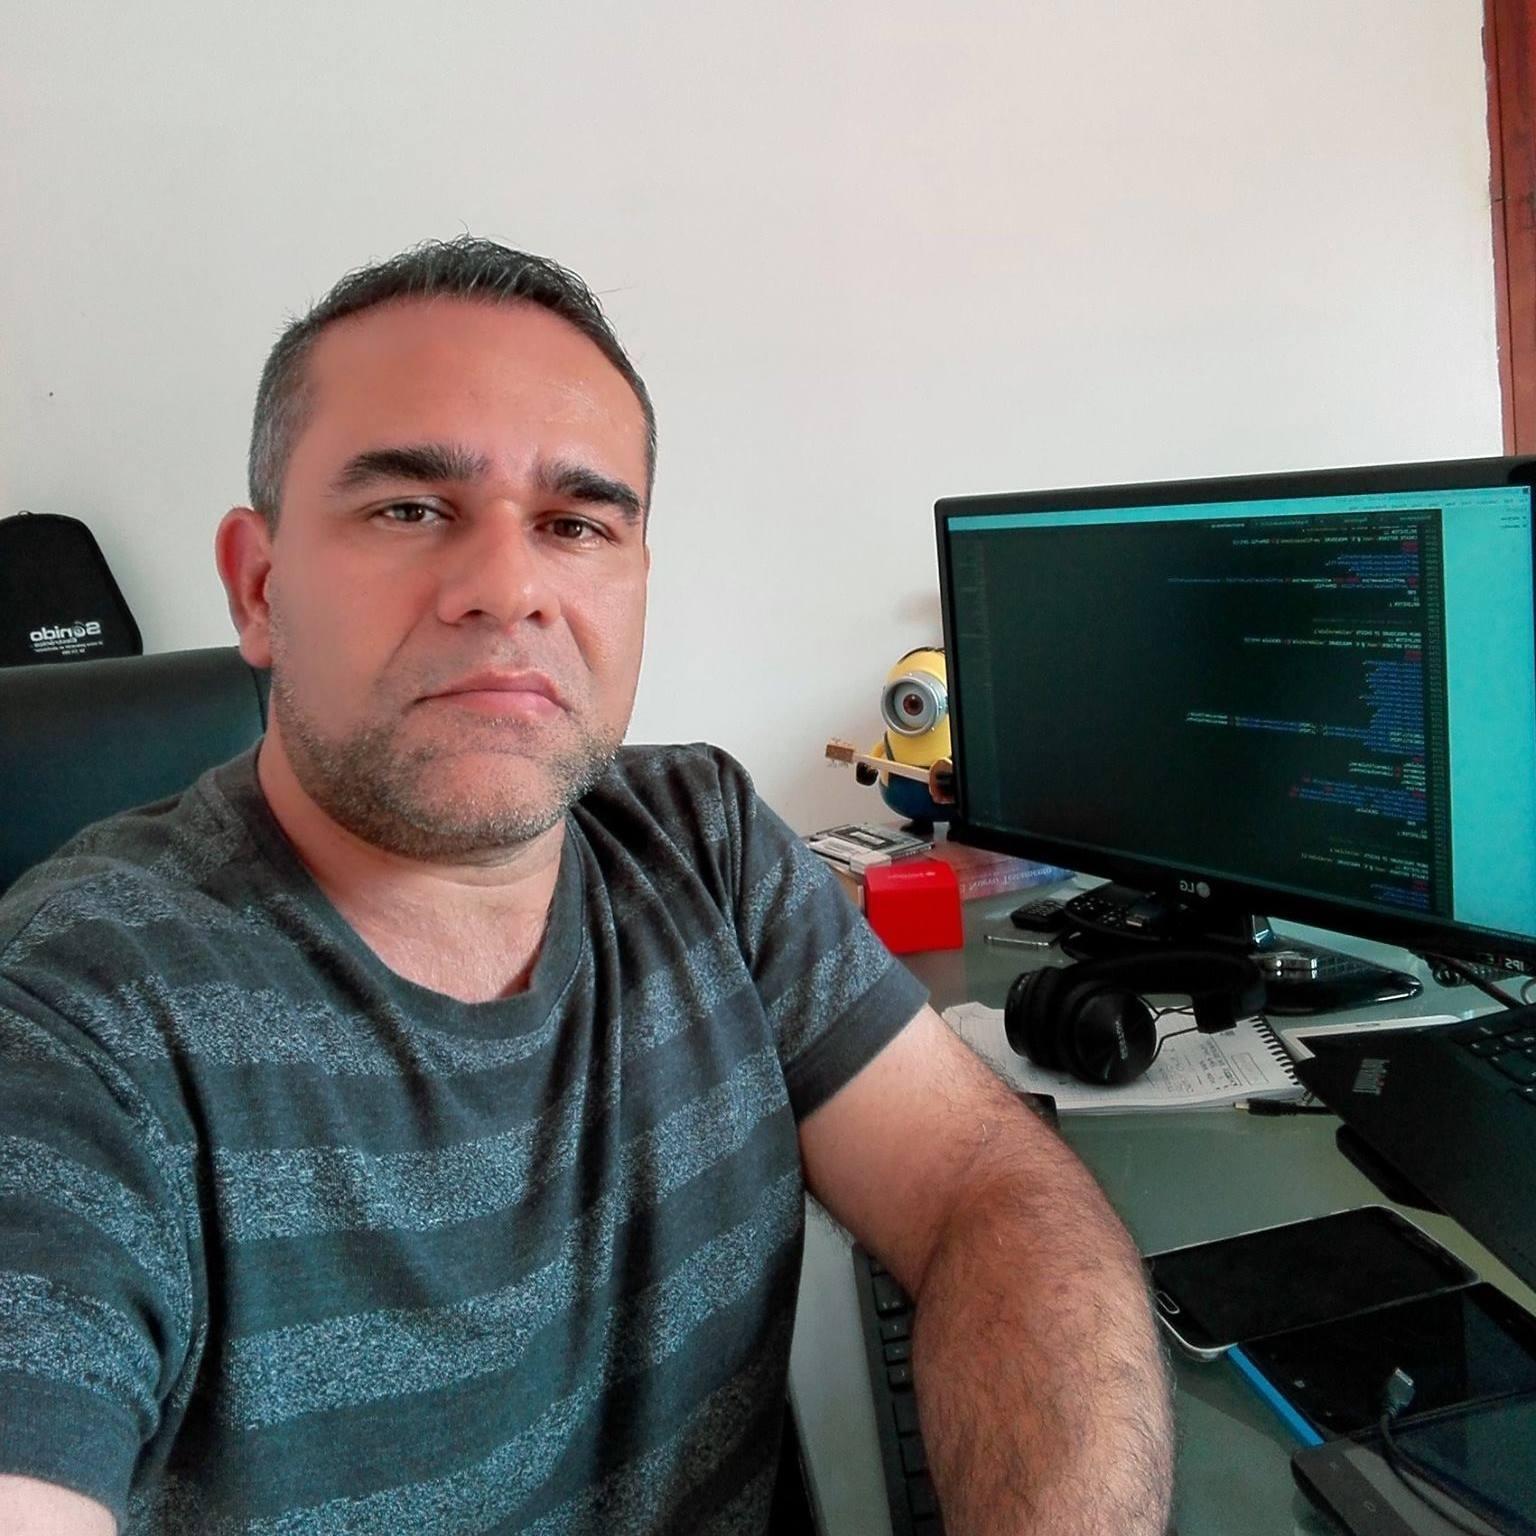 ::Miguel Atencia | Reflexiones de la vida y otros asuntos::